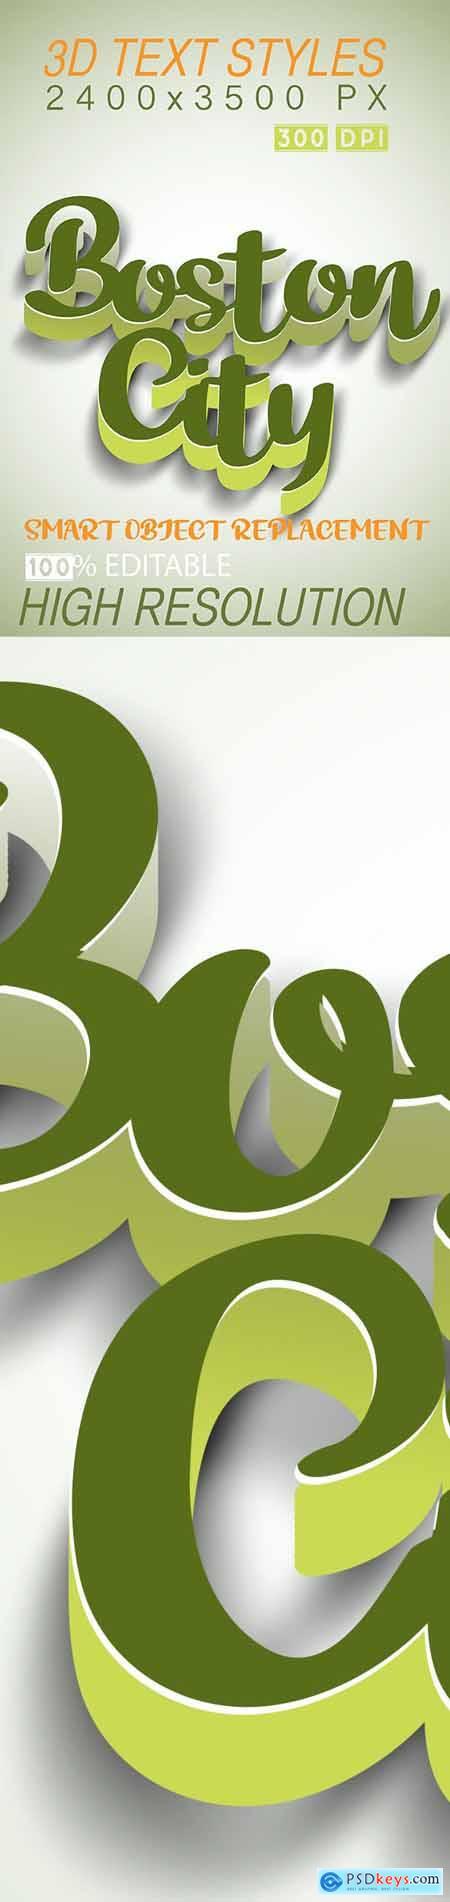 3D Text Styles Boston 26703076